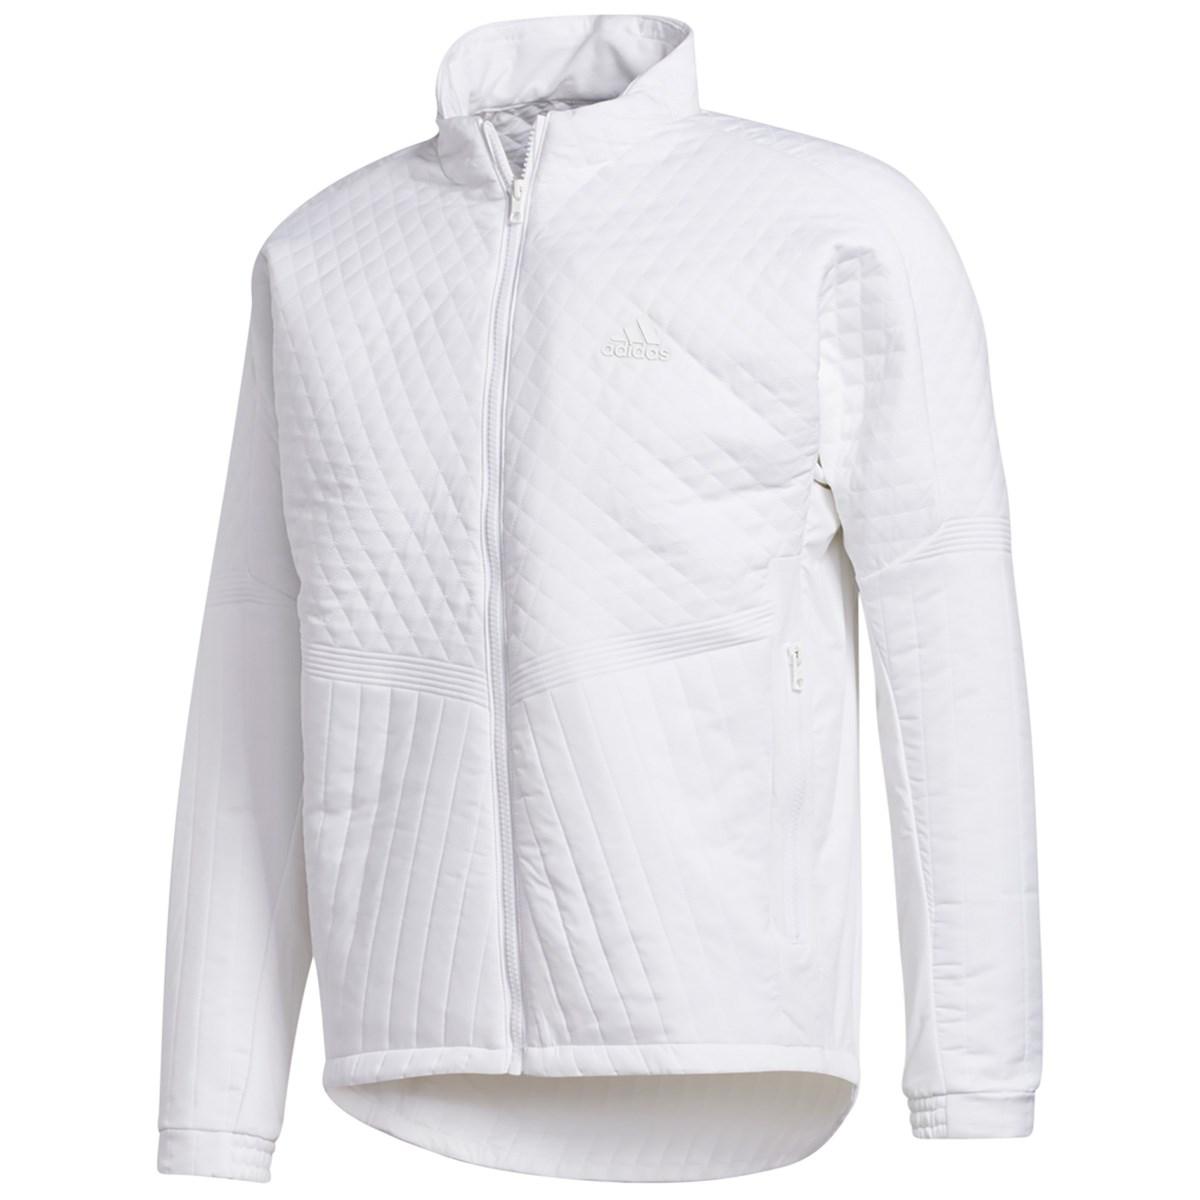 アディダス Adidas スポーツキルティング ストレッチ フルジップジャケット J/M ホワイト